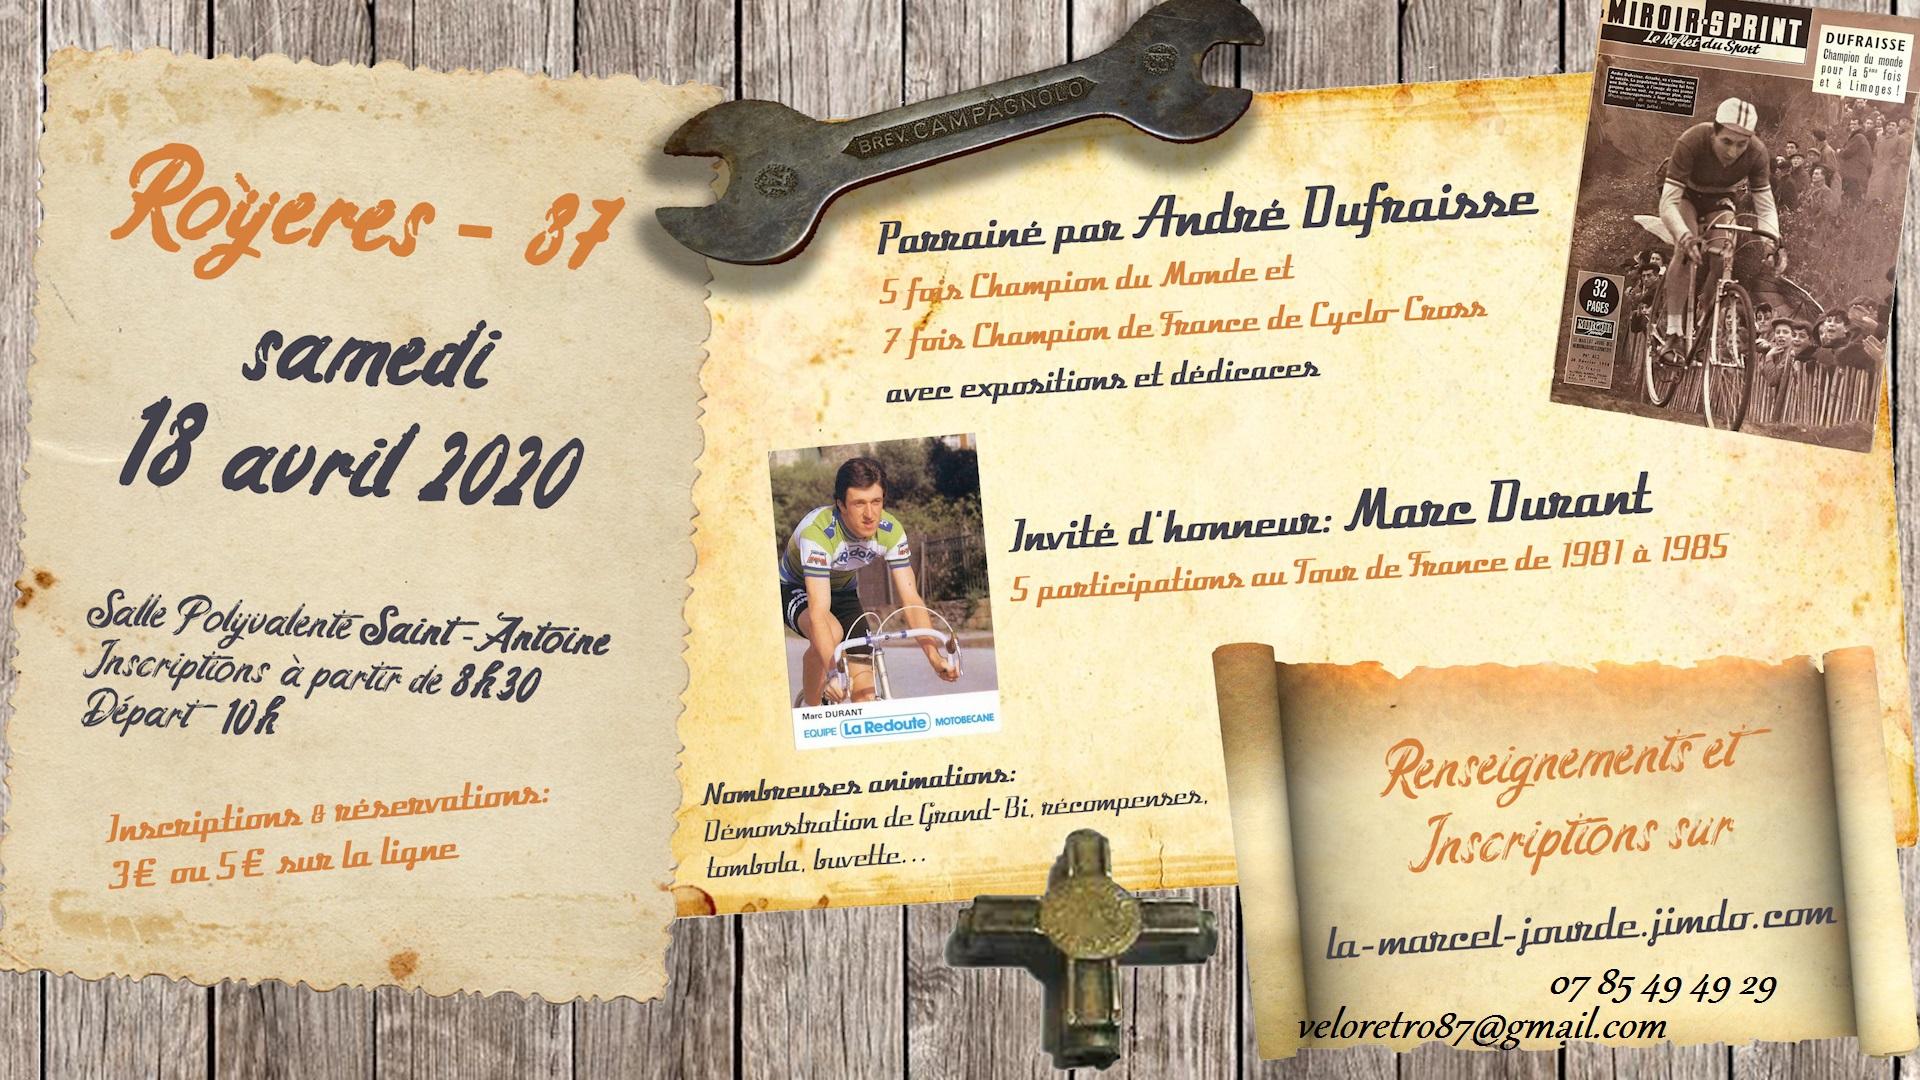 """Balade Vintage  """" La Marcel JOURDE """" samedi 18 avril 2020 File"""